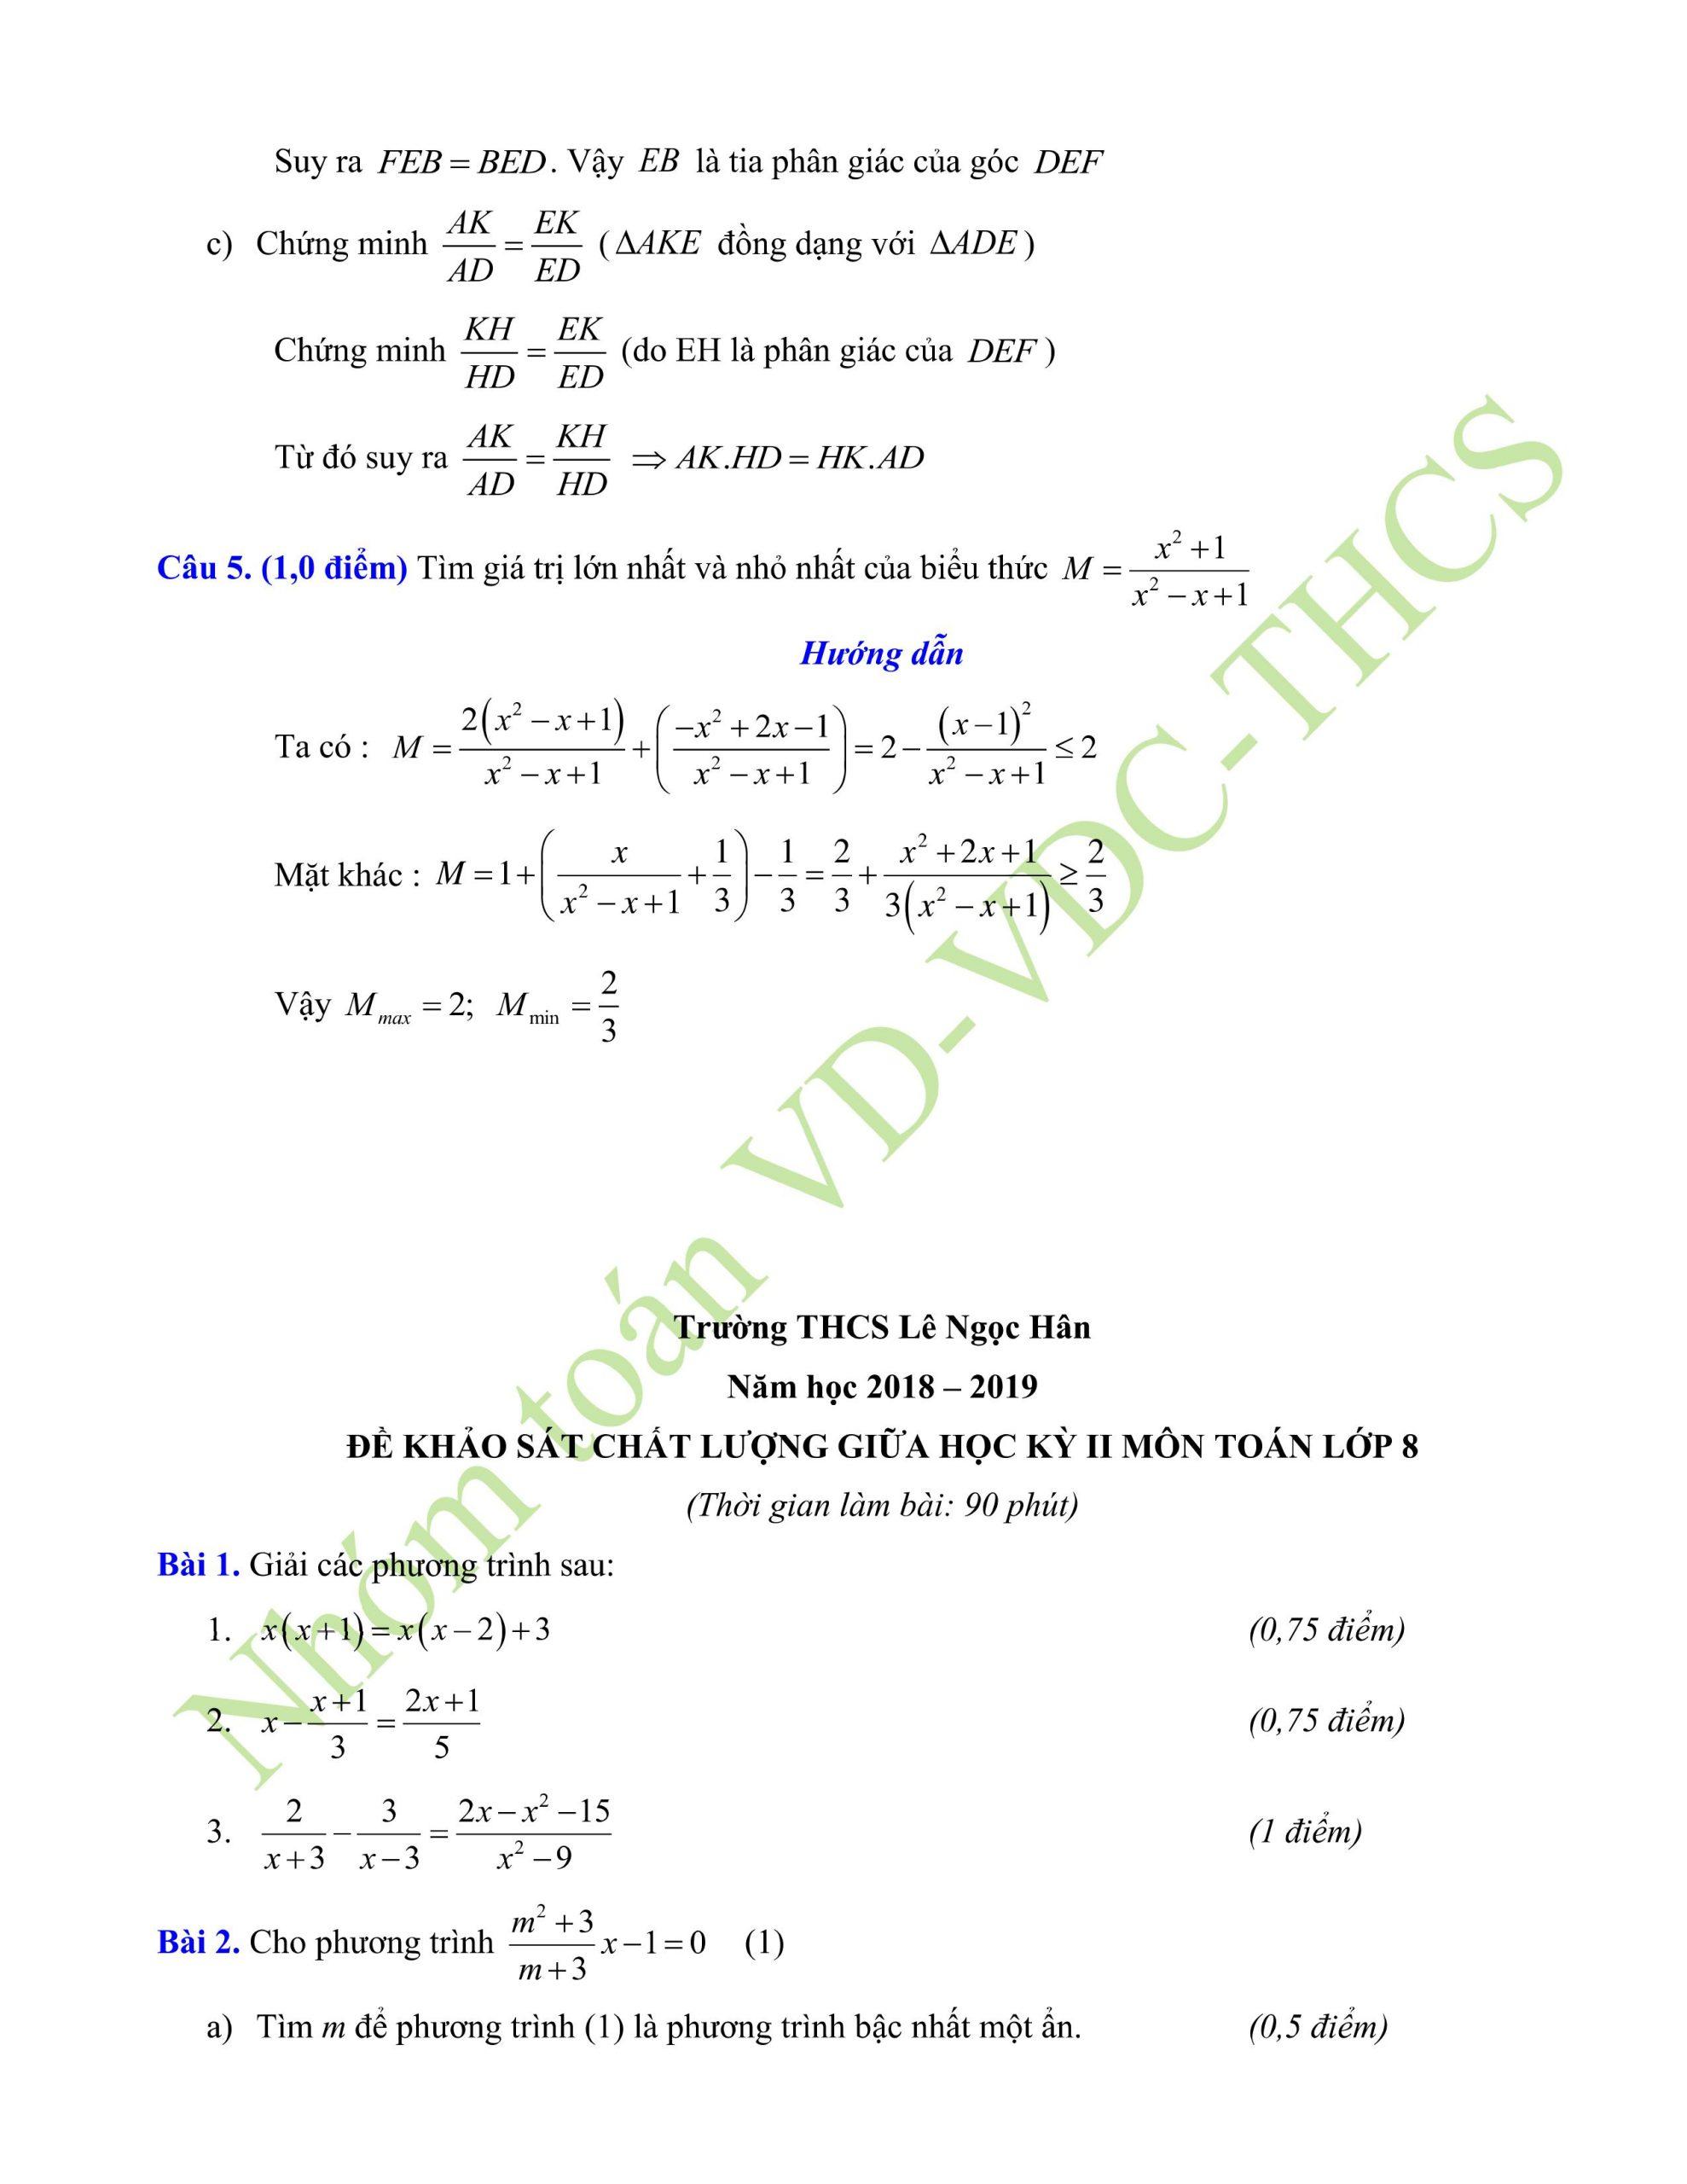 29+ đề thi giữa hk2 toán 8có lời giải để ôn tập mới nhất